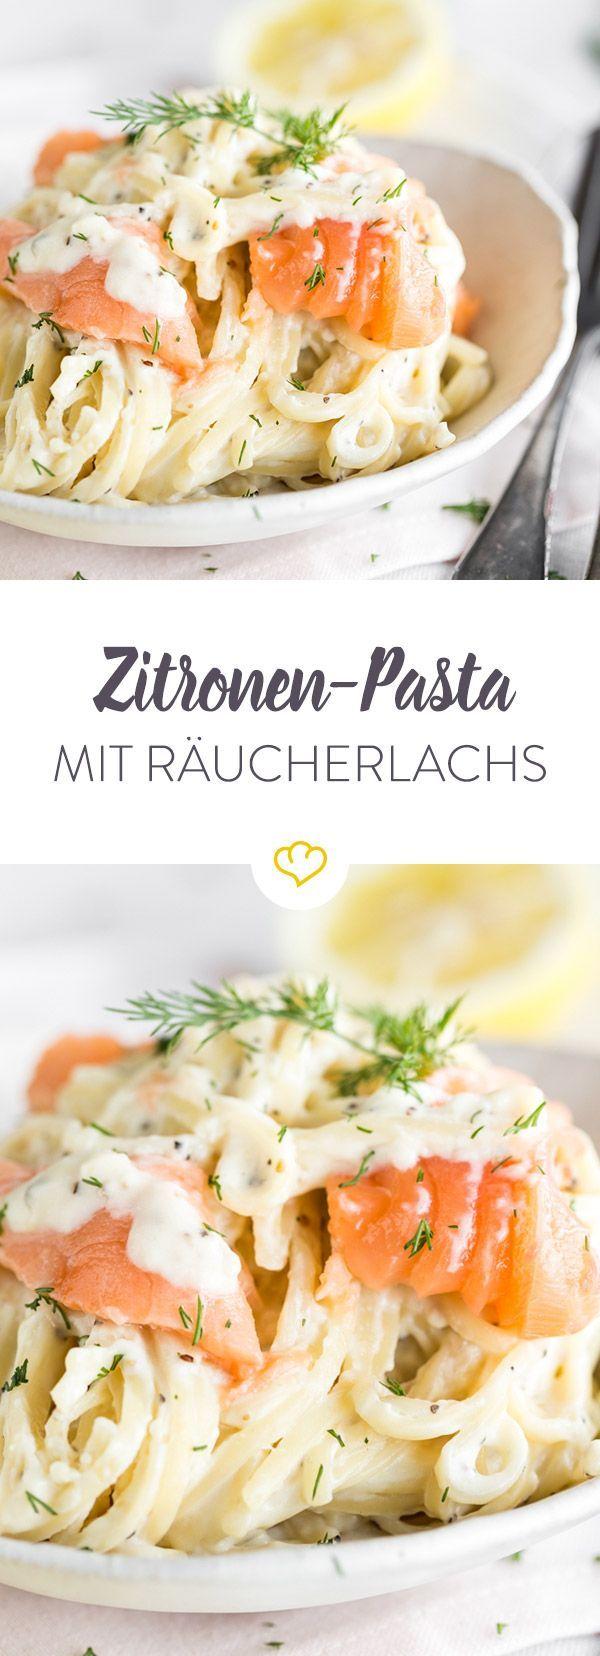 Eine Pasta zum Verwöhnen - mit Zitrone und Lachs. Und einer ordentlichen Portion Crème fraîche. Nudelglück vom allerfeinsten - in nur 20 Minuten.